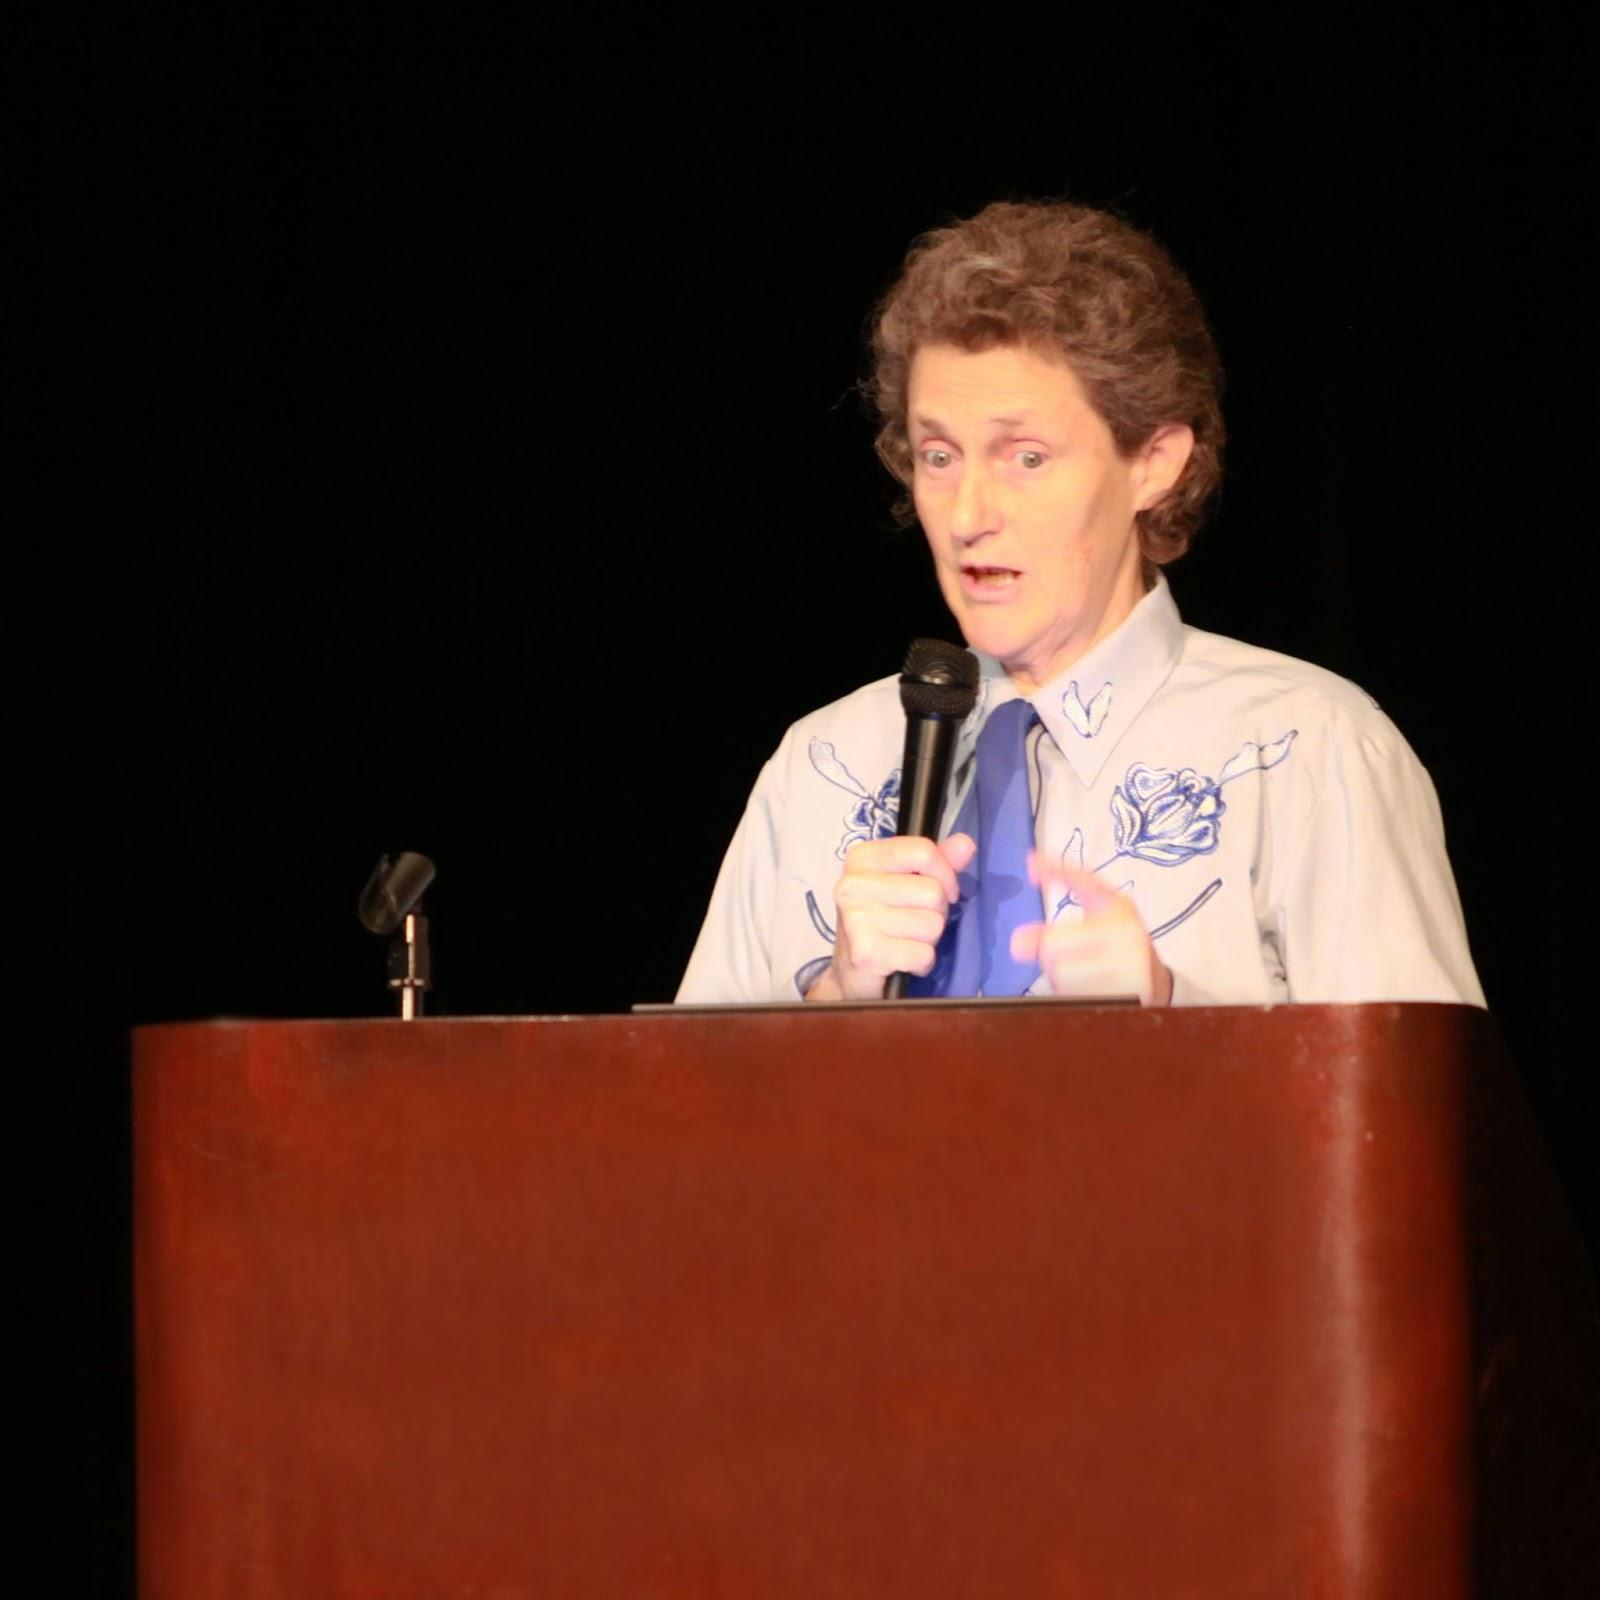 Temple Grandin přednáší na konferenci o autismu